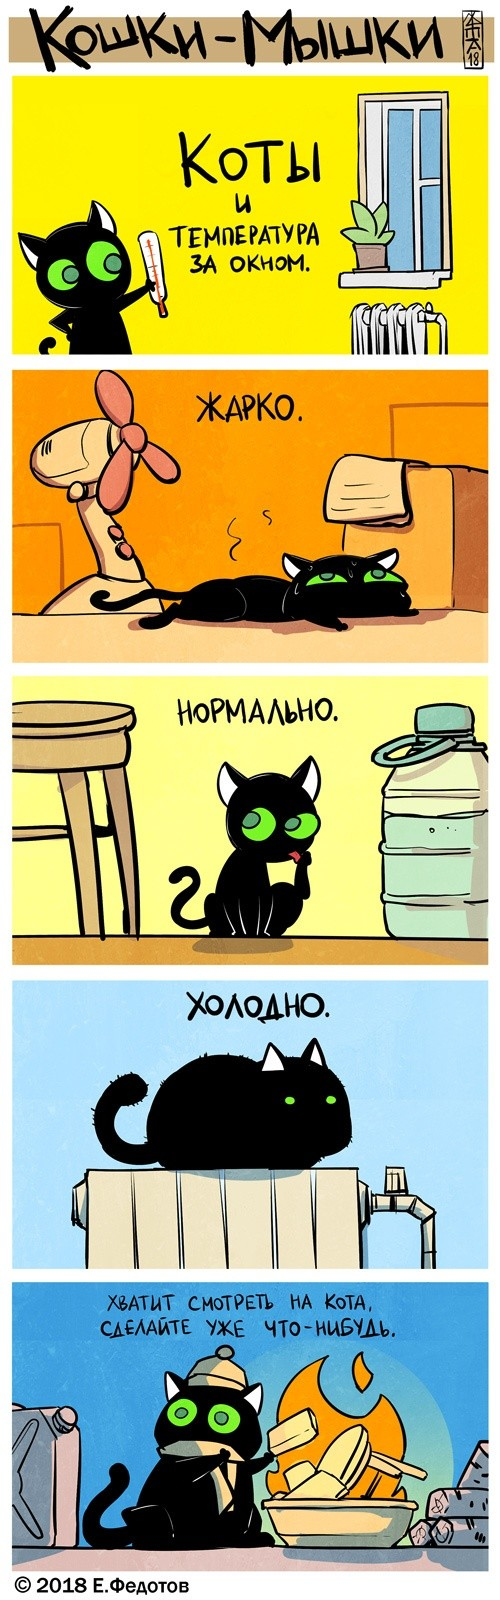 Кошки-Мышки, комиксы